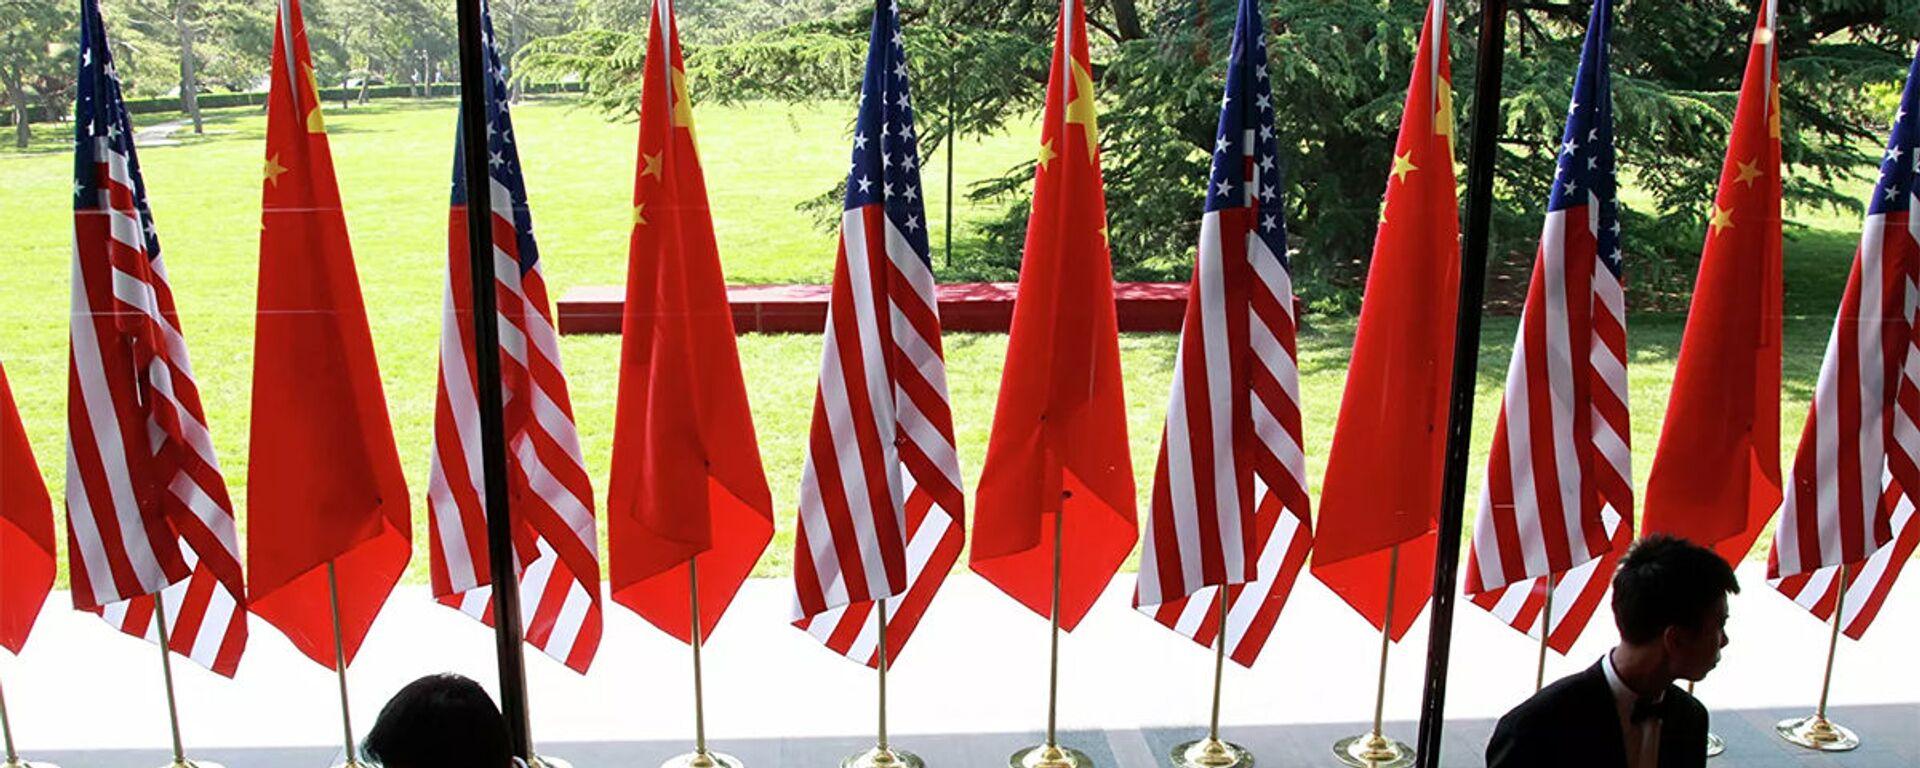 Cờ của Trung Quốc và Hoa Kỳ tại lễ khai mạc Đối thoại chiến lược và kinh tế Mỹ-Trung tại Bắc Kinh - Sputnik Việt Nam, 1920, 28.01.2021